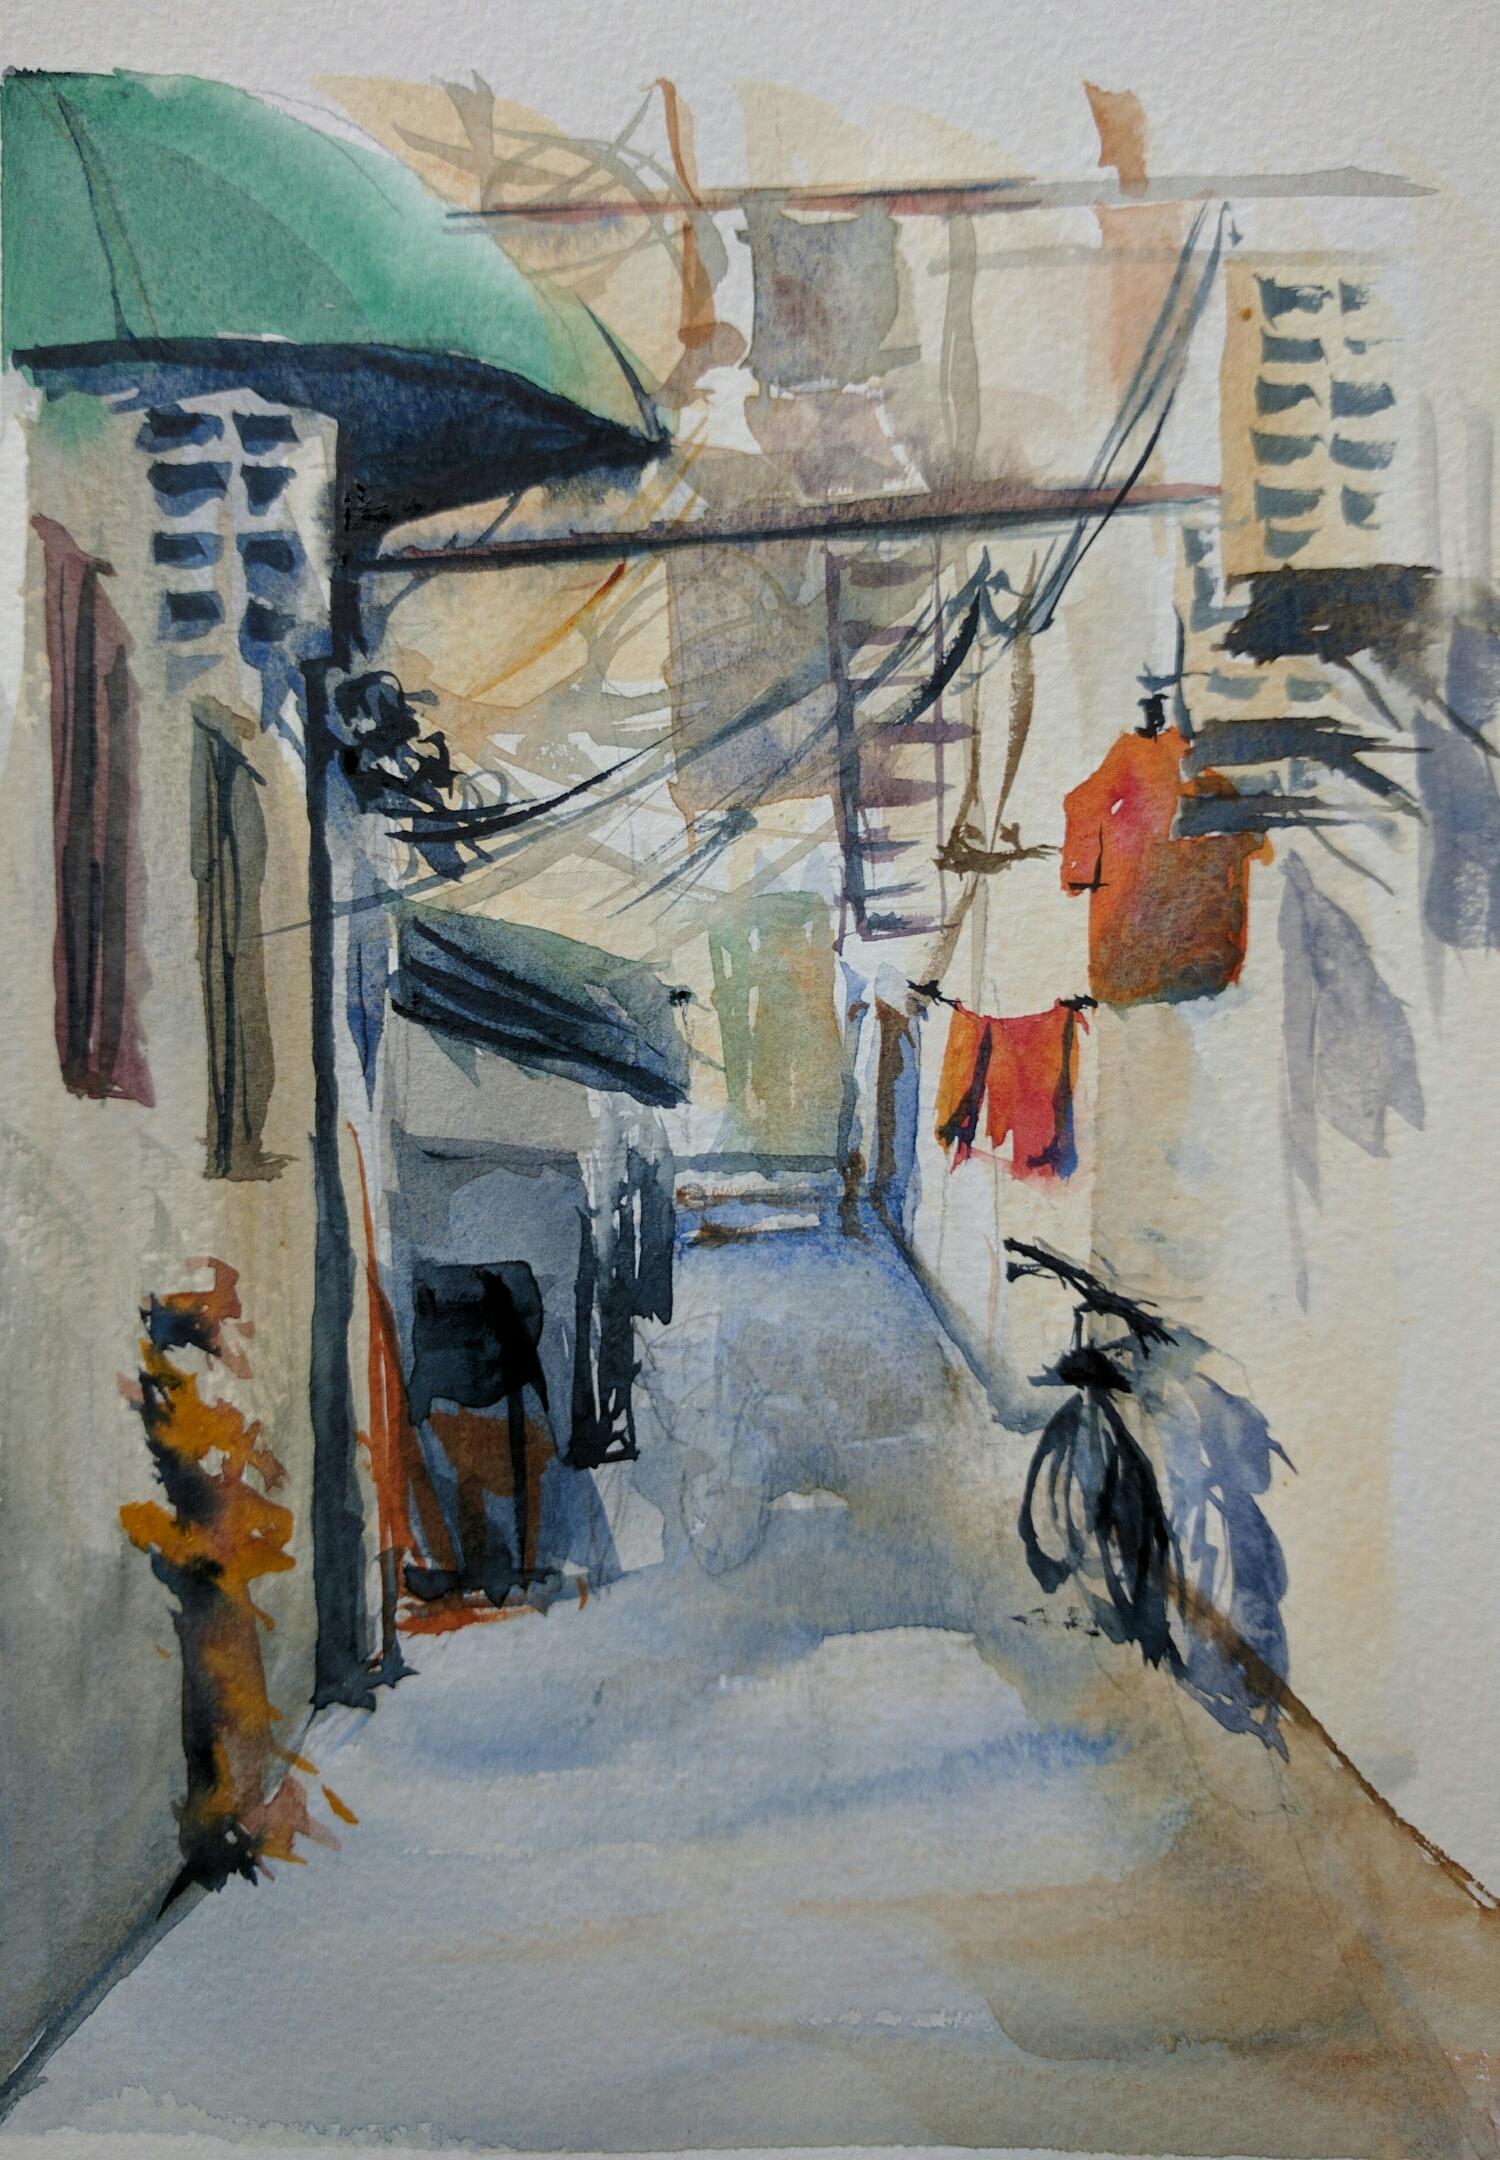 alleyway in watercolor